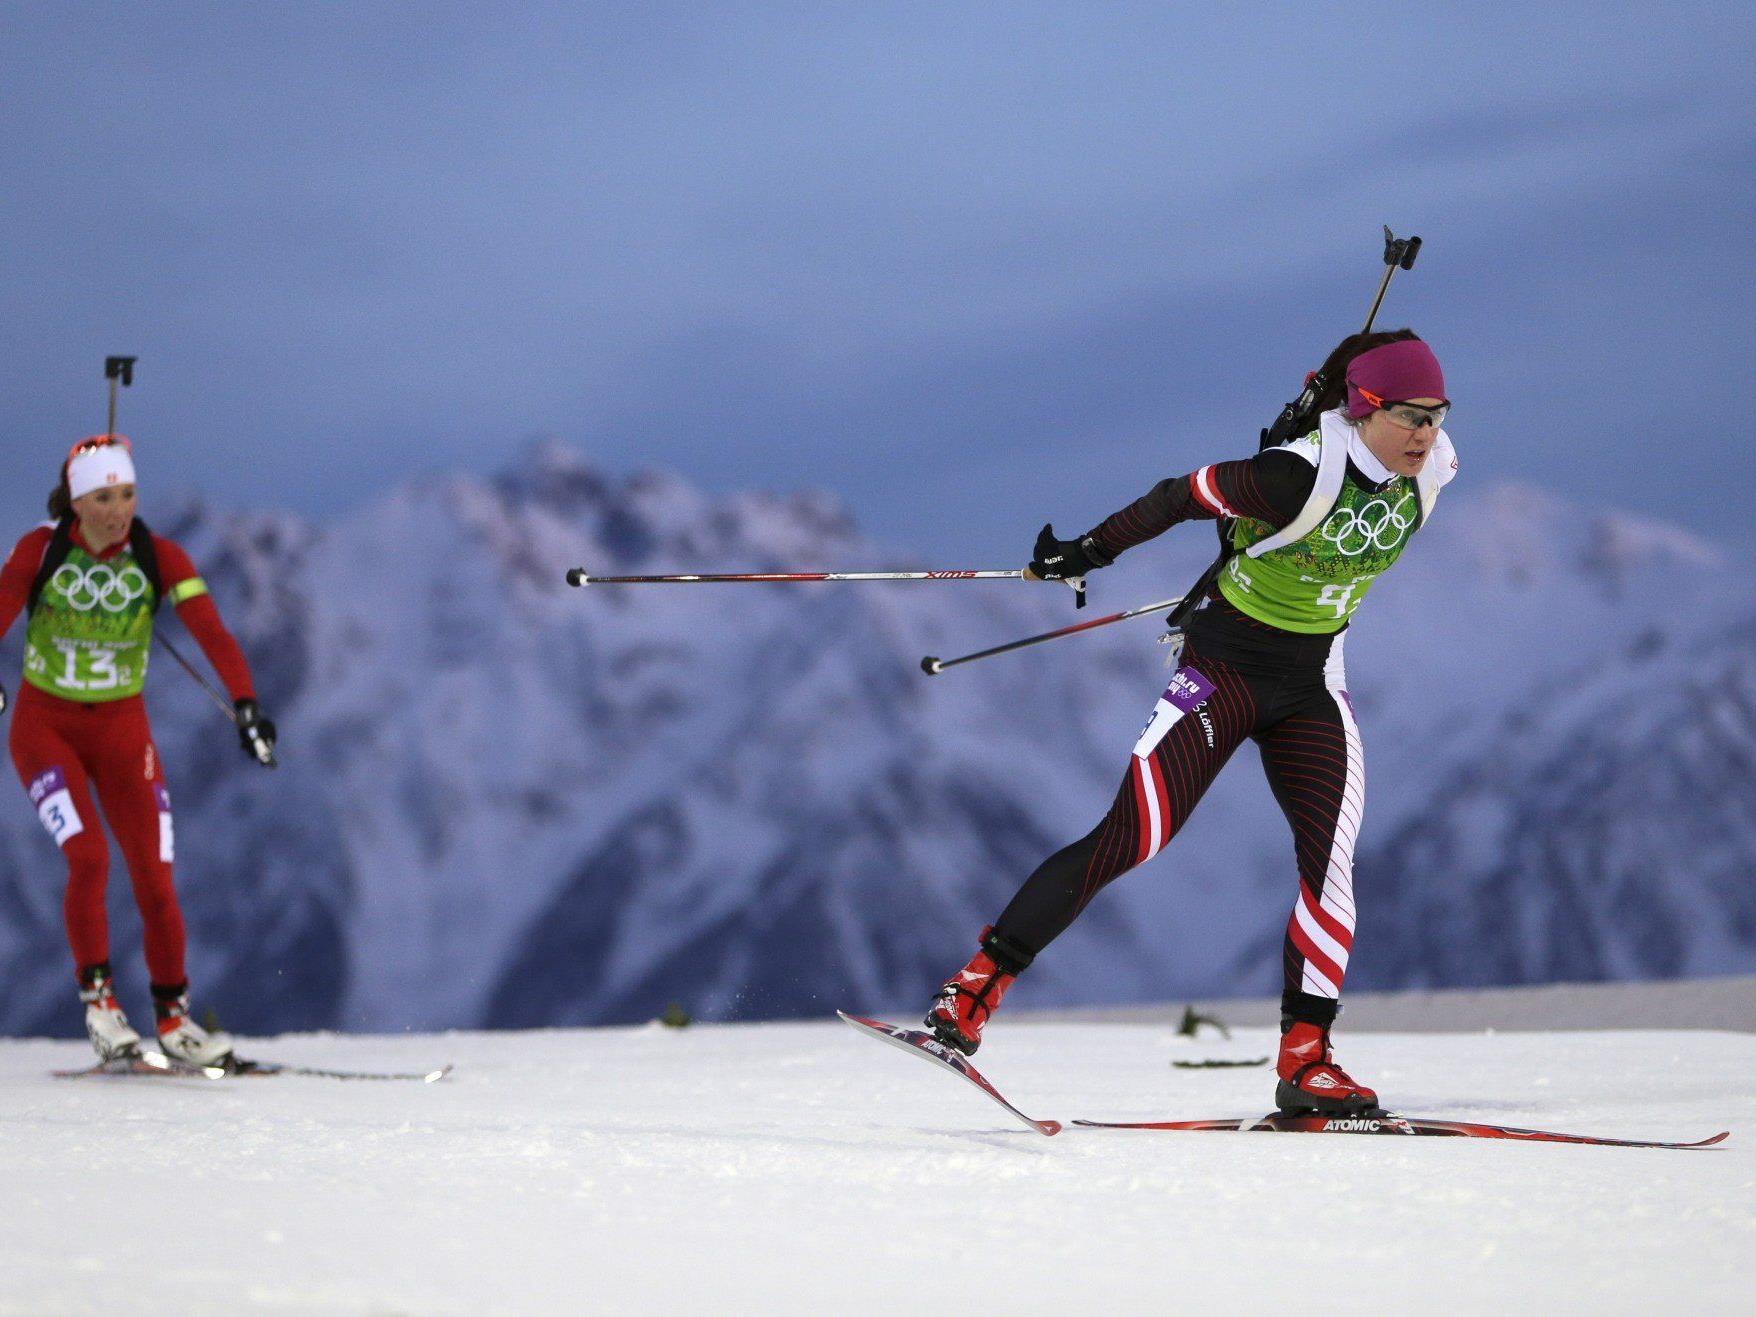 Österreichs Biathlon-Herren holten in der Staffel eine Bronze-Medaille bei den Olympischen Wintespielen in Sotschi.